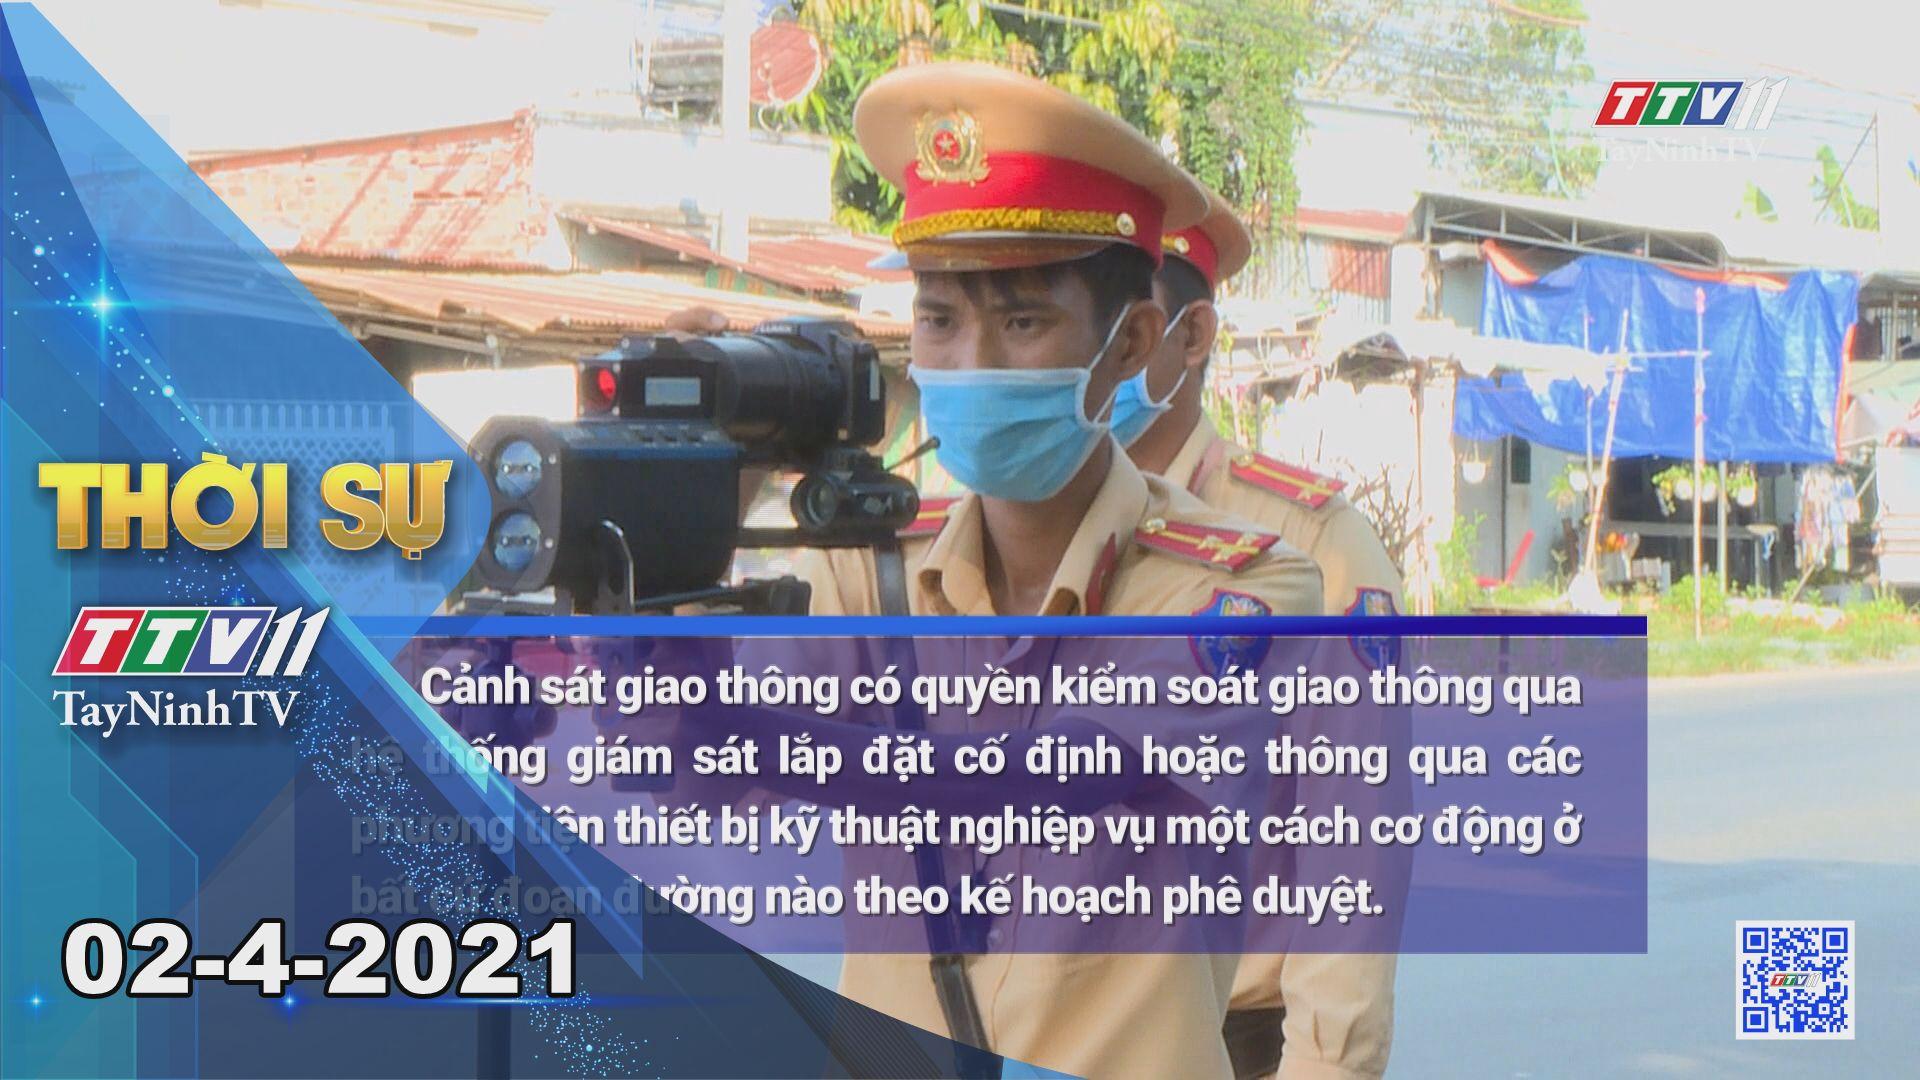 Thời sự Tây Ninh 02-4-2021 | Tin tức hôm nay | TayNinhTV